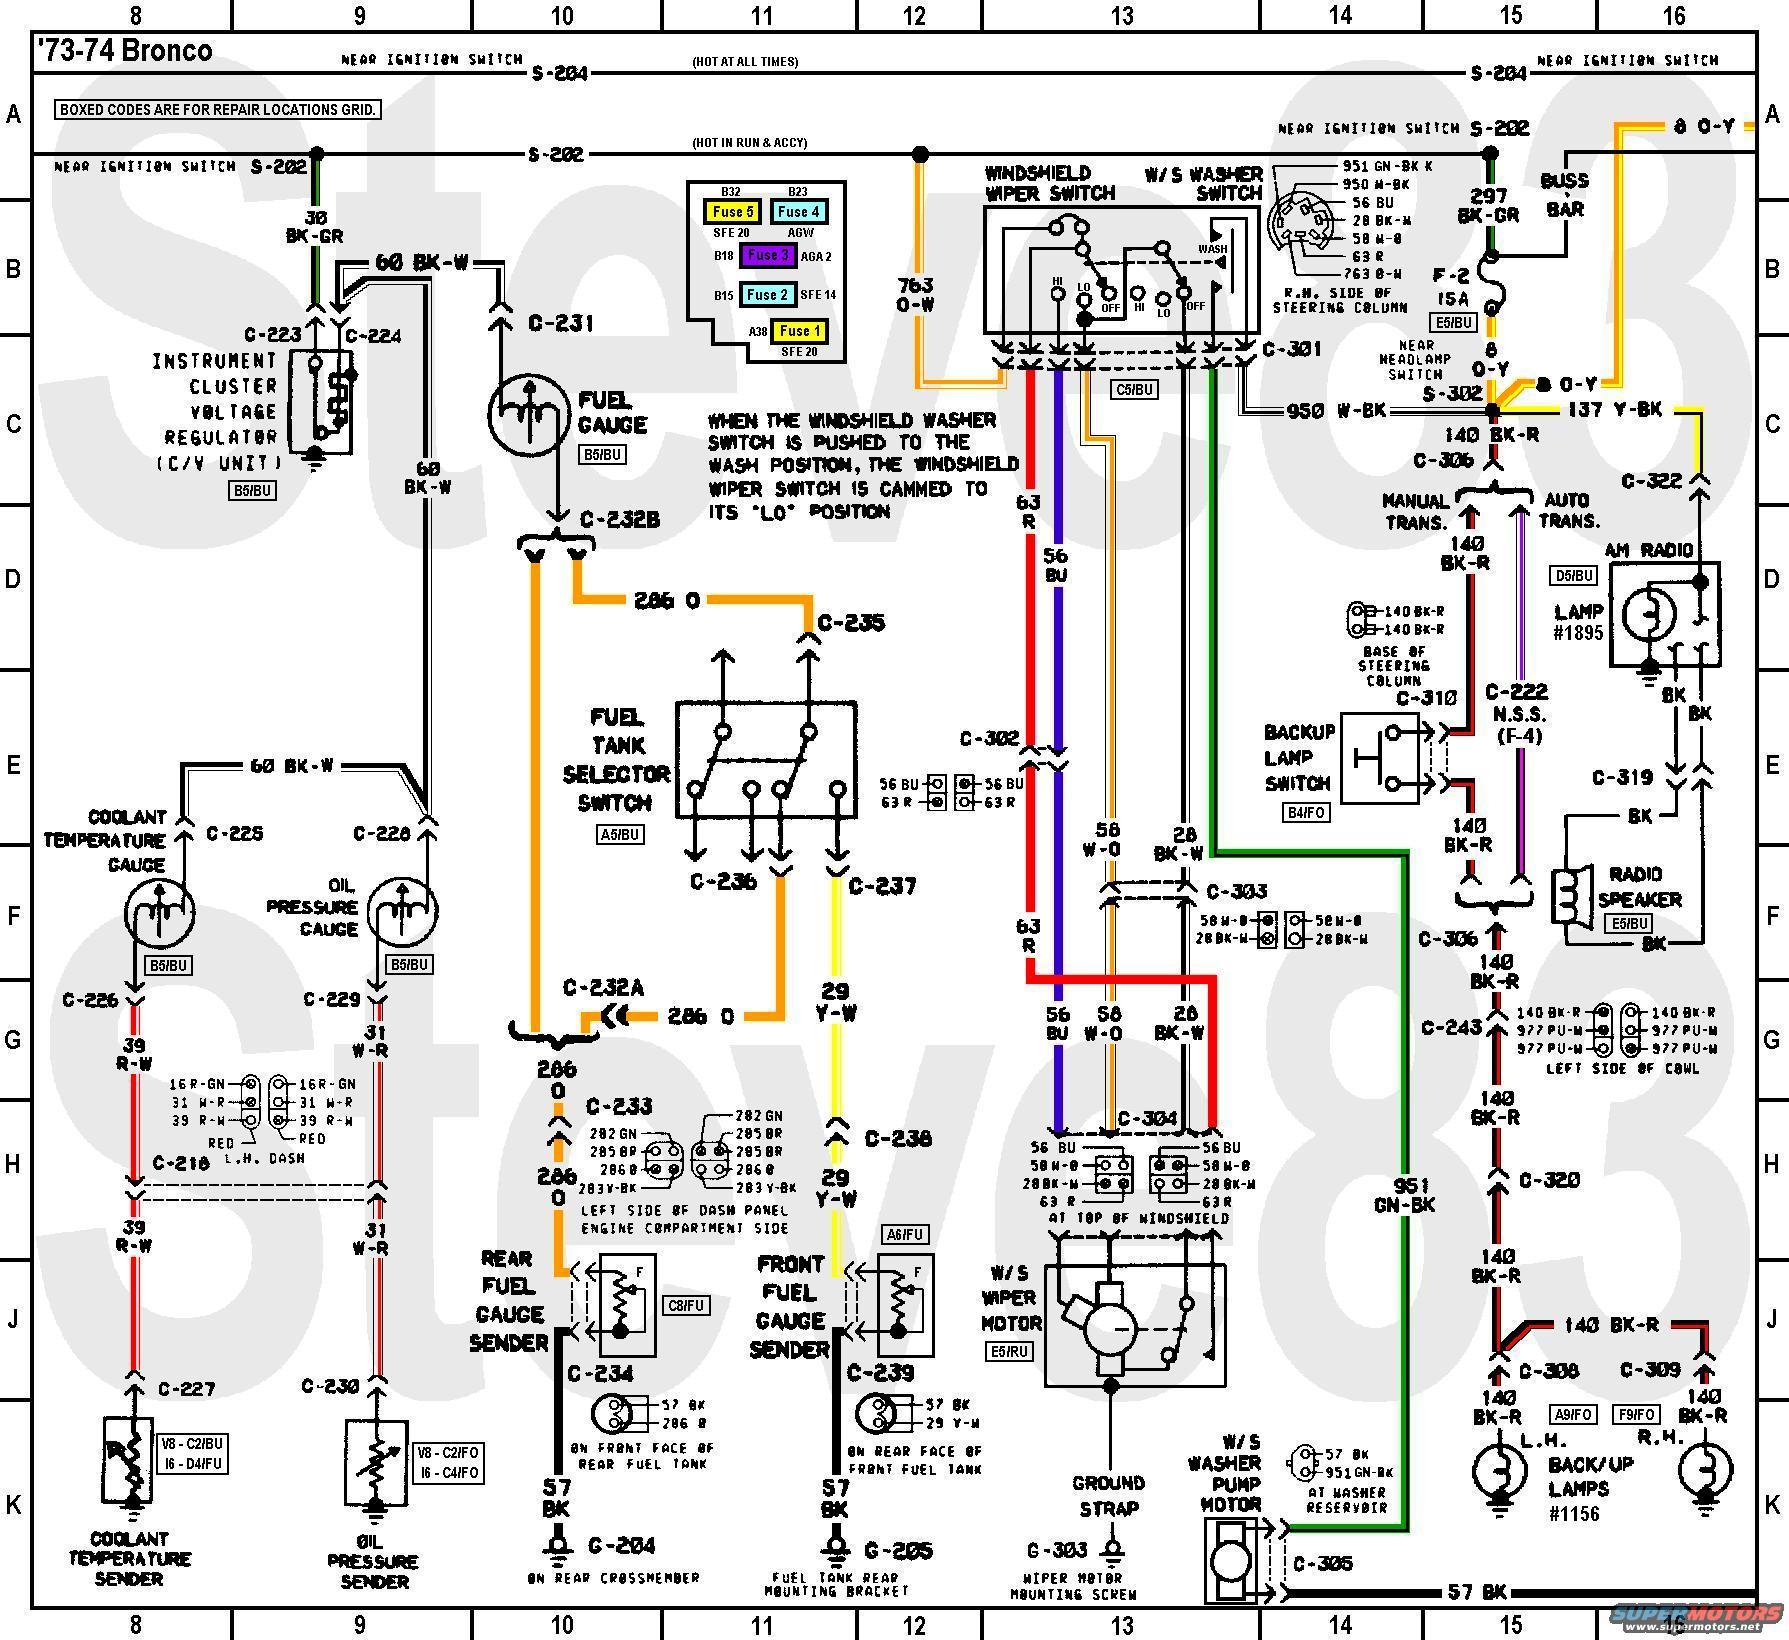 EG_5522] 1990 Ford F150 Alternator Wiring Diagram Download DiagramOmen Mentra Winn Props Caba Viewor Flui Opein Mohammedshrine Librar Wiring  101